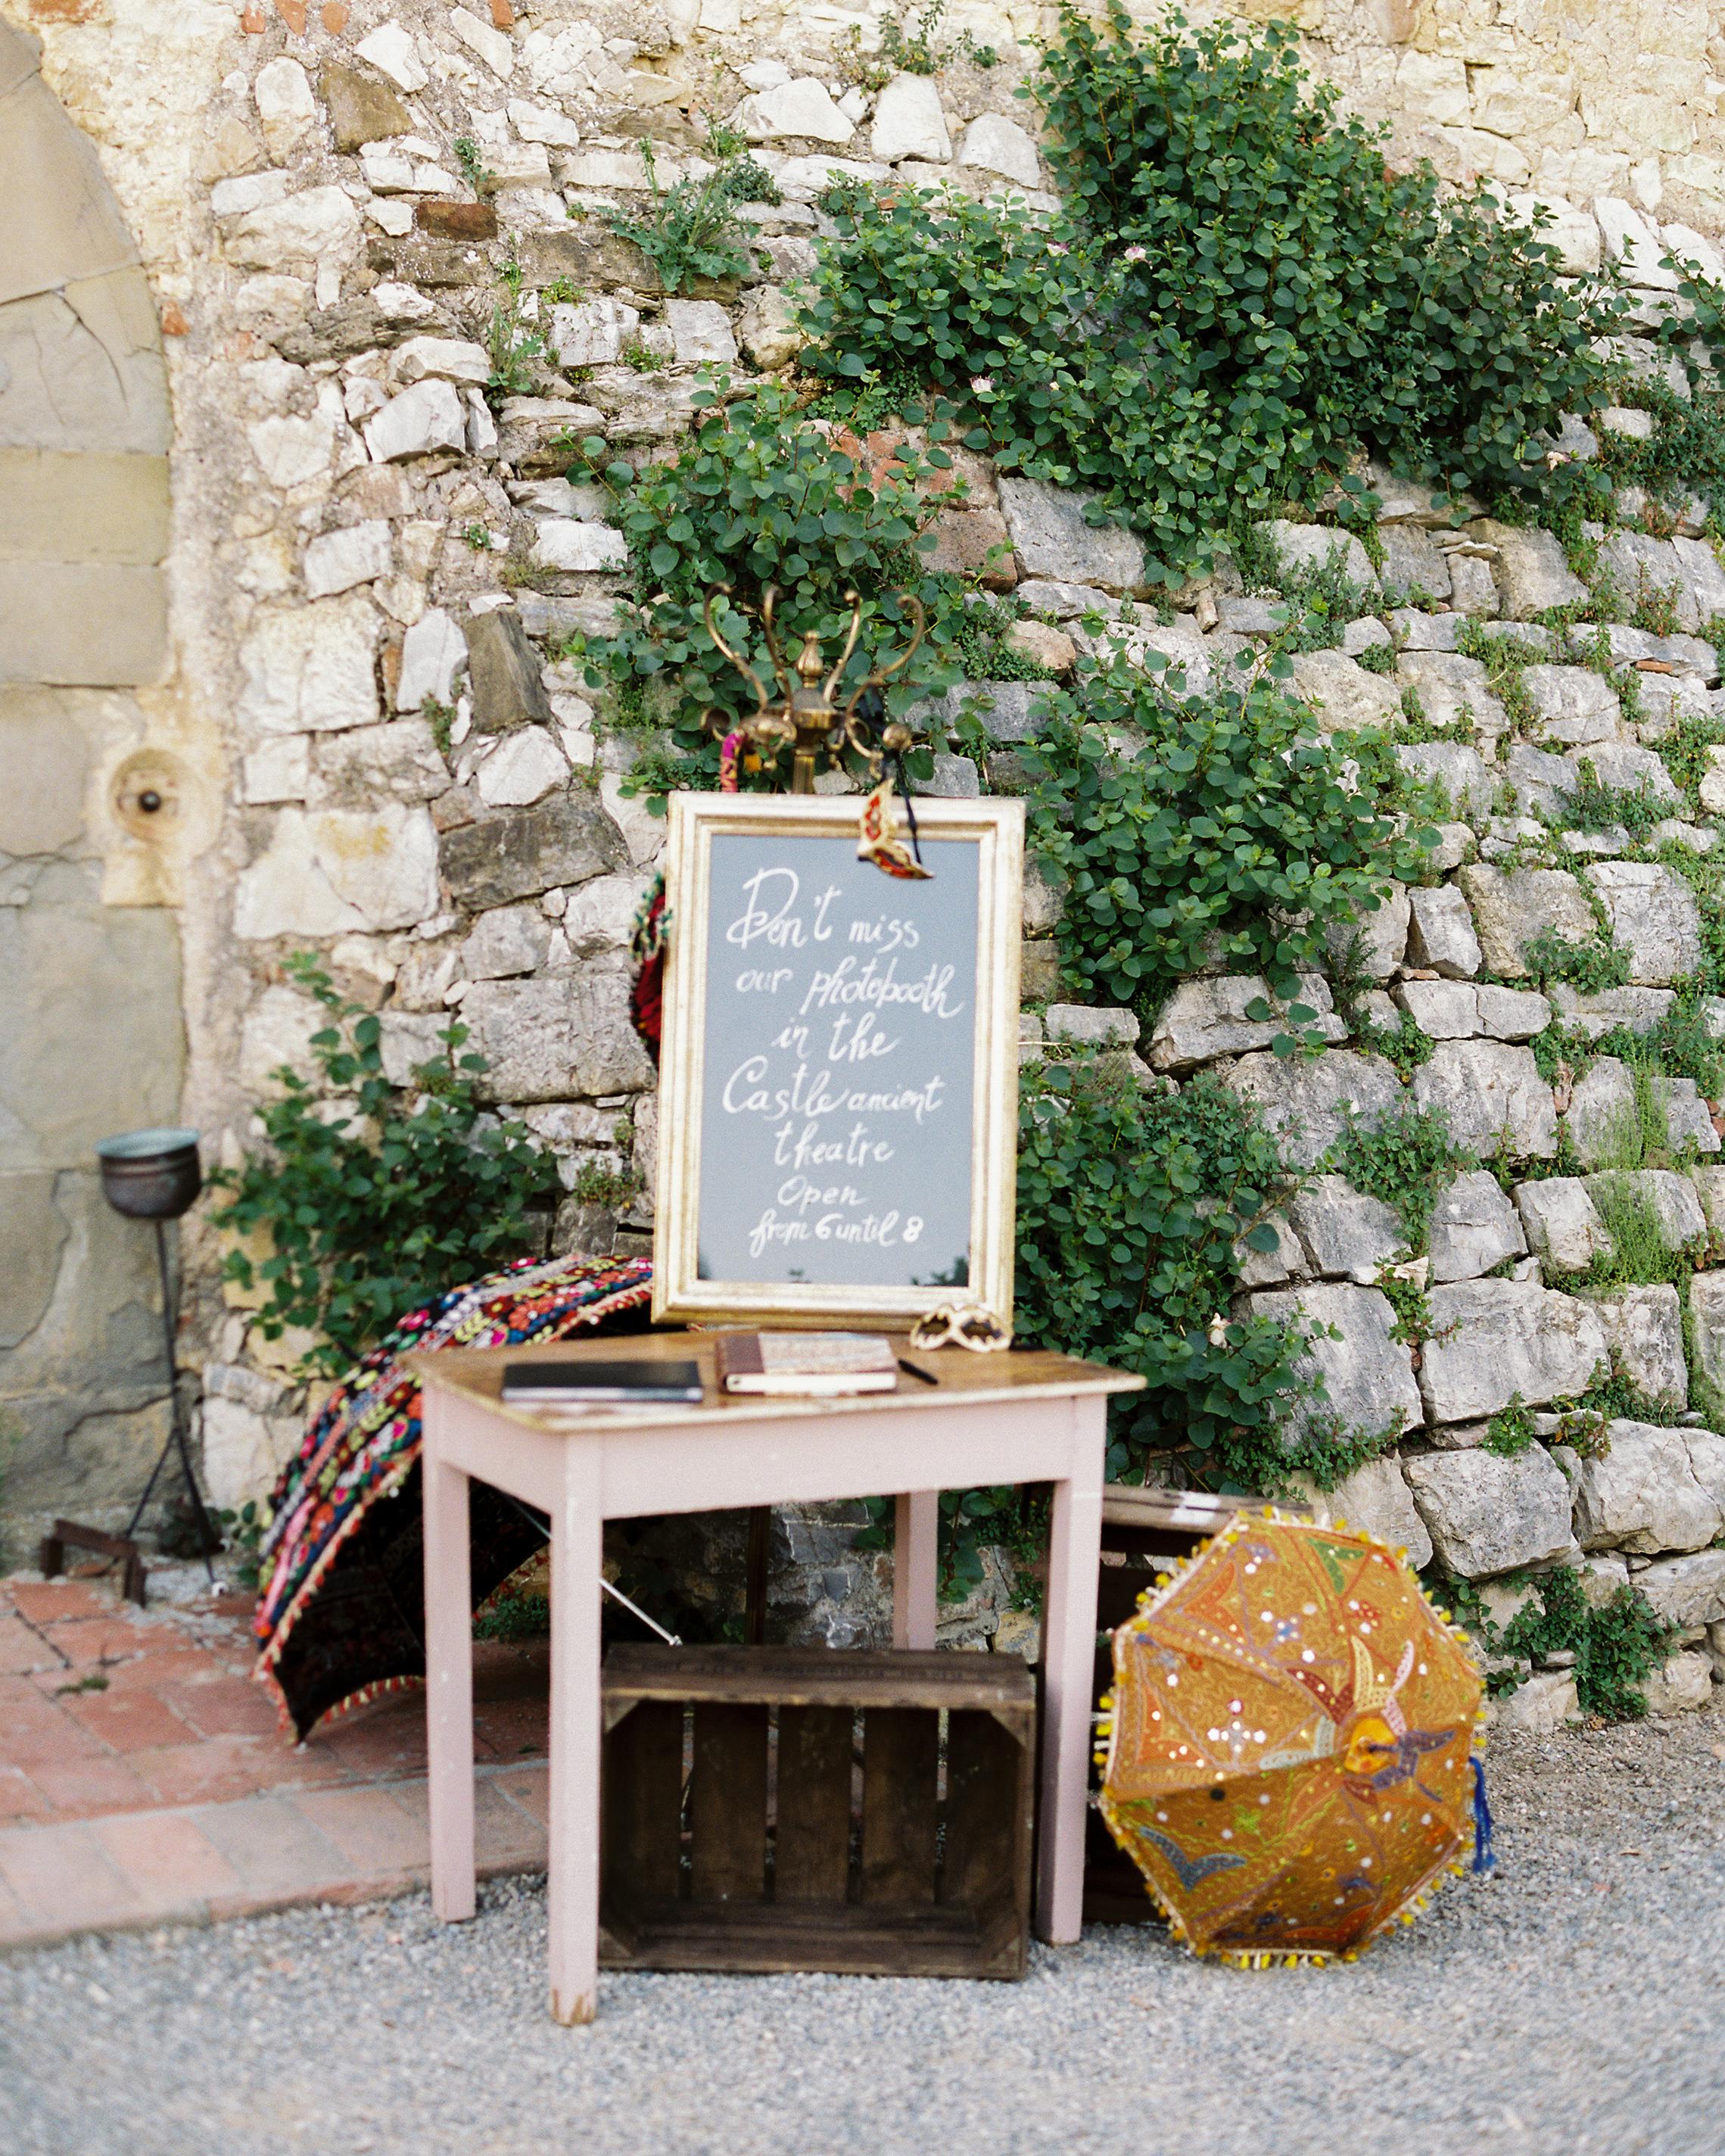 lauren-ollie-wedding-signage-172-s111895-0515.jpg